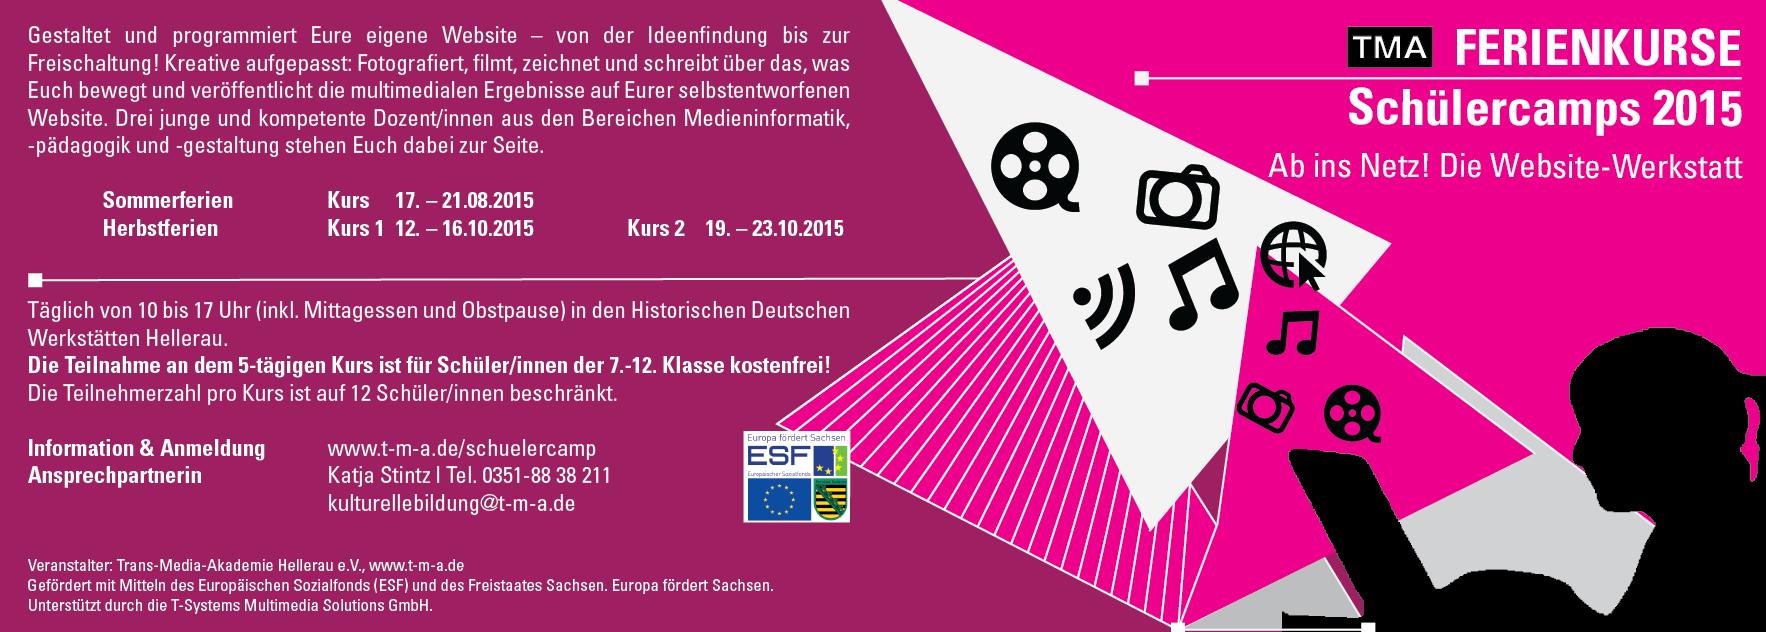 Flyer Schülercamp > Ab ins Netz! Website-Werkstatt Dresden